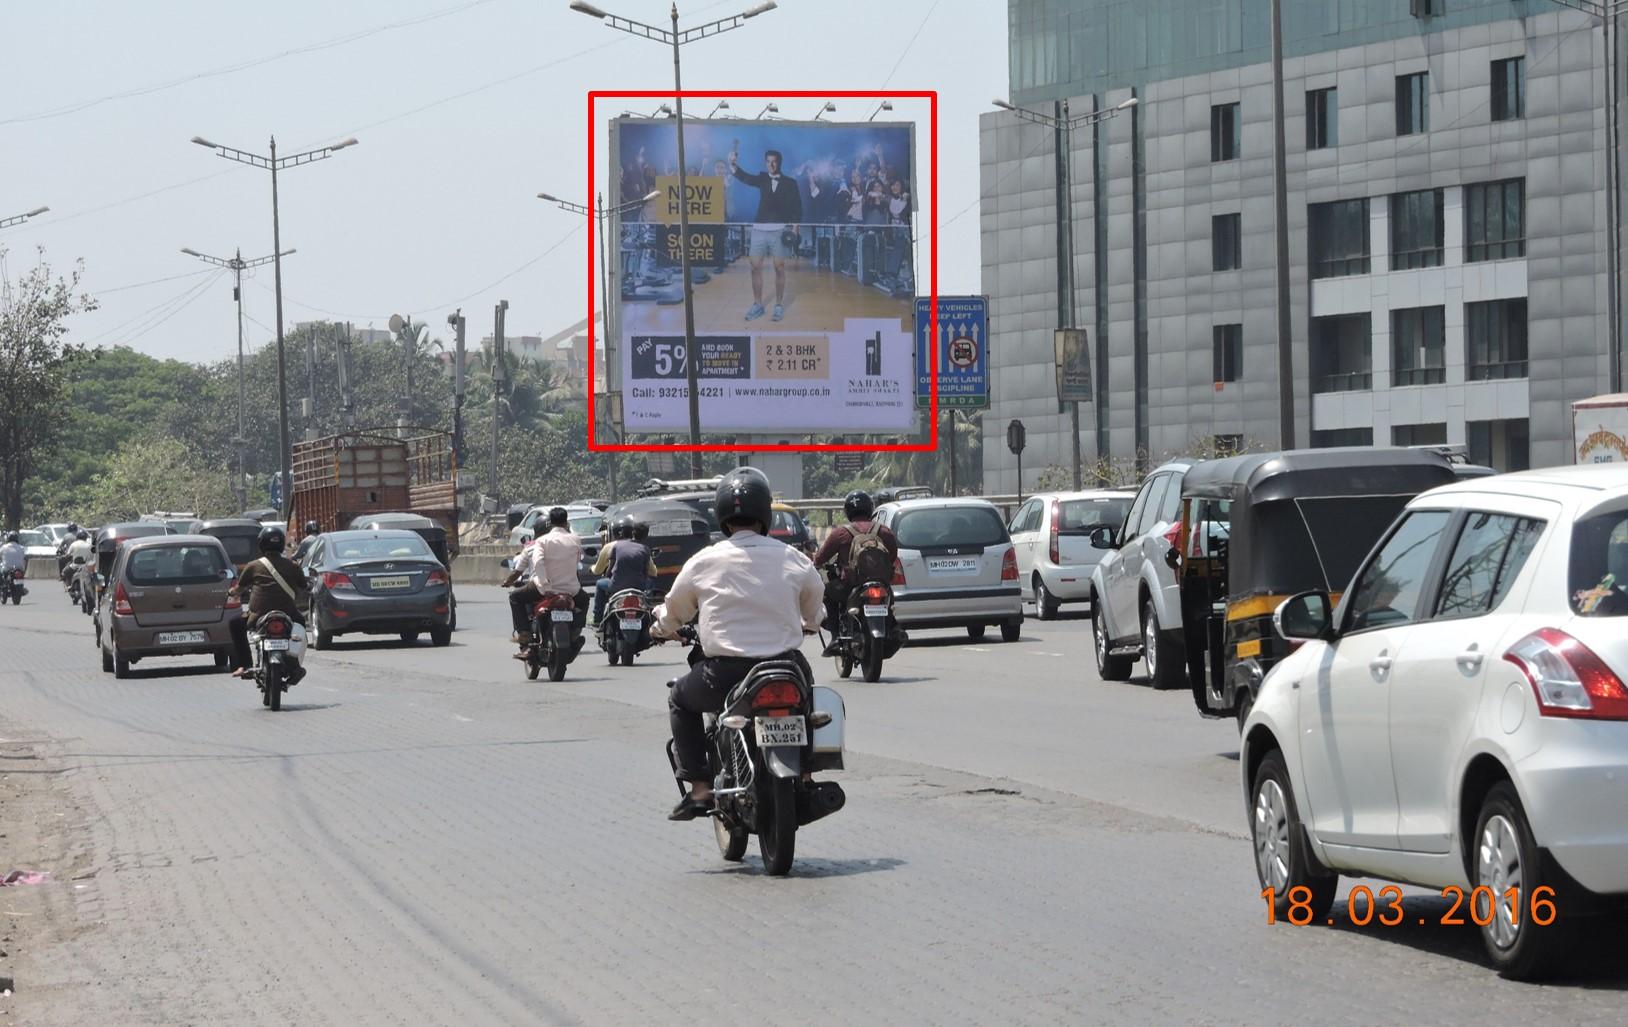 Kandivali MT, Mumbai